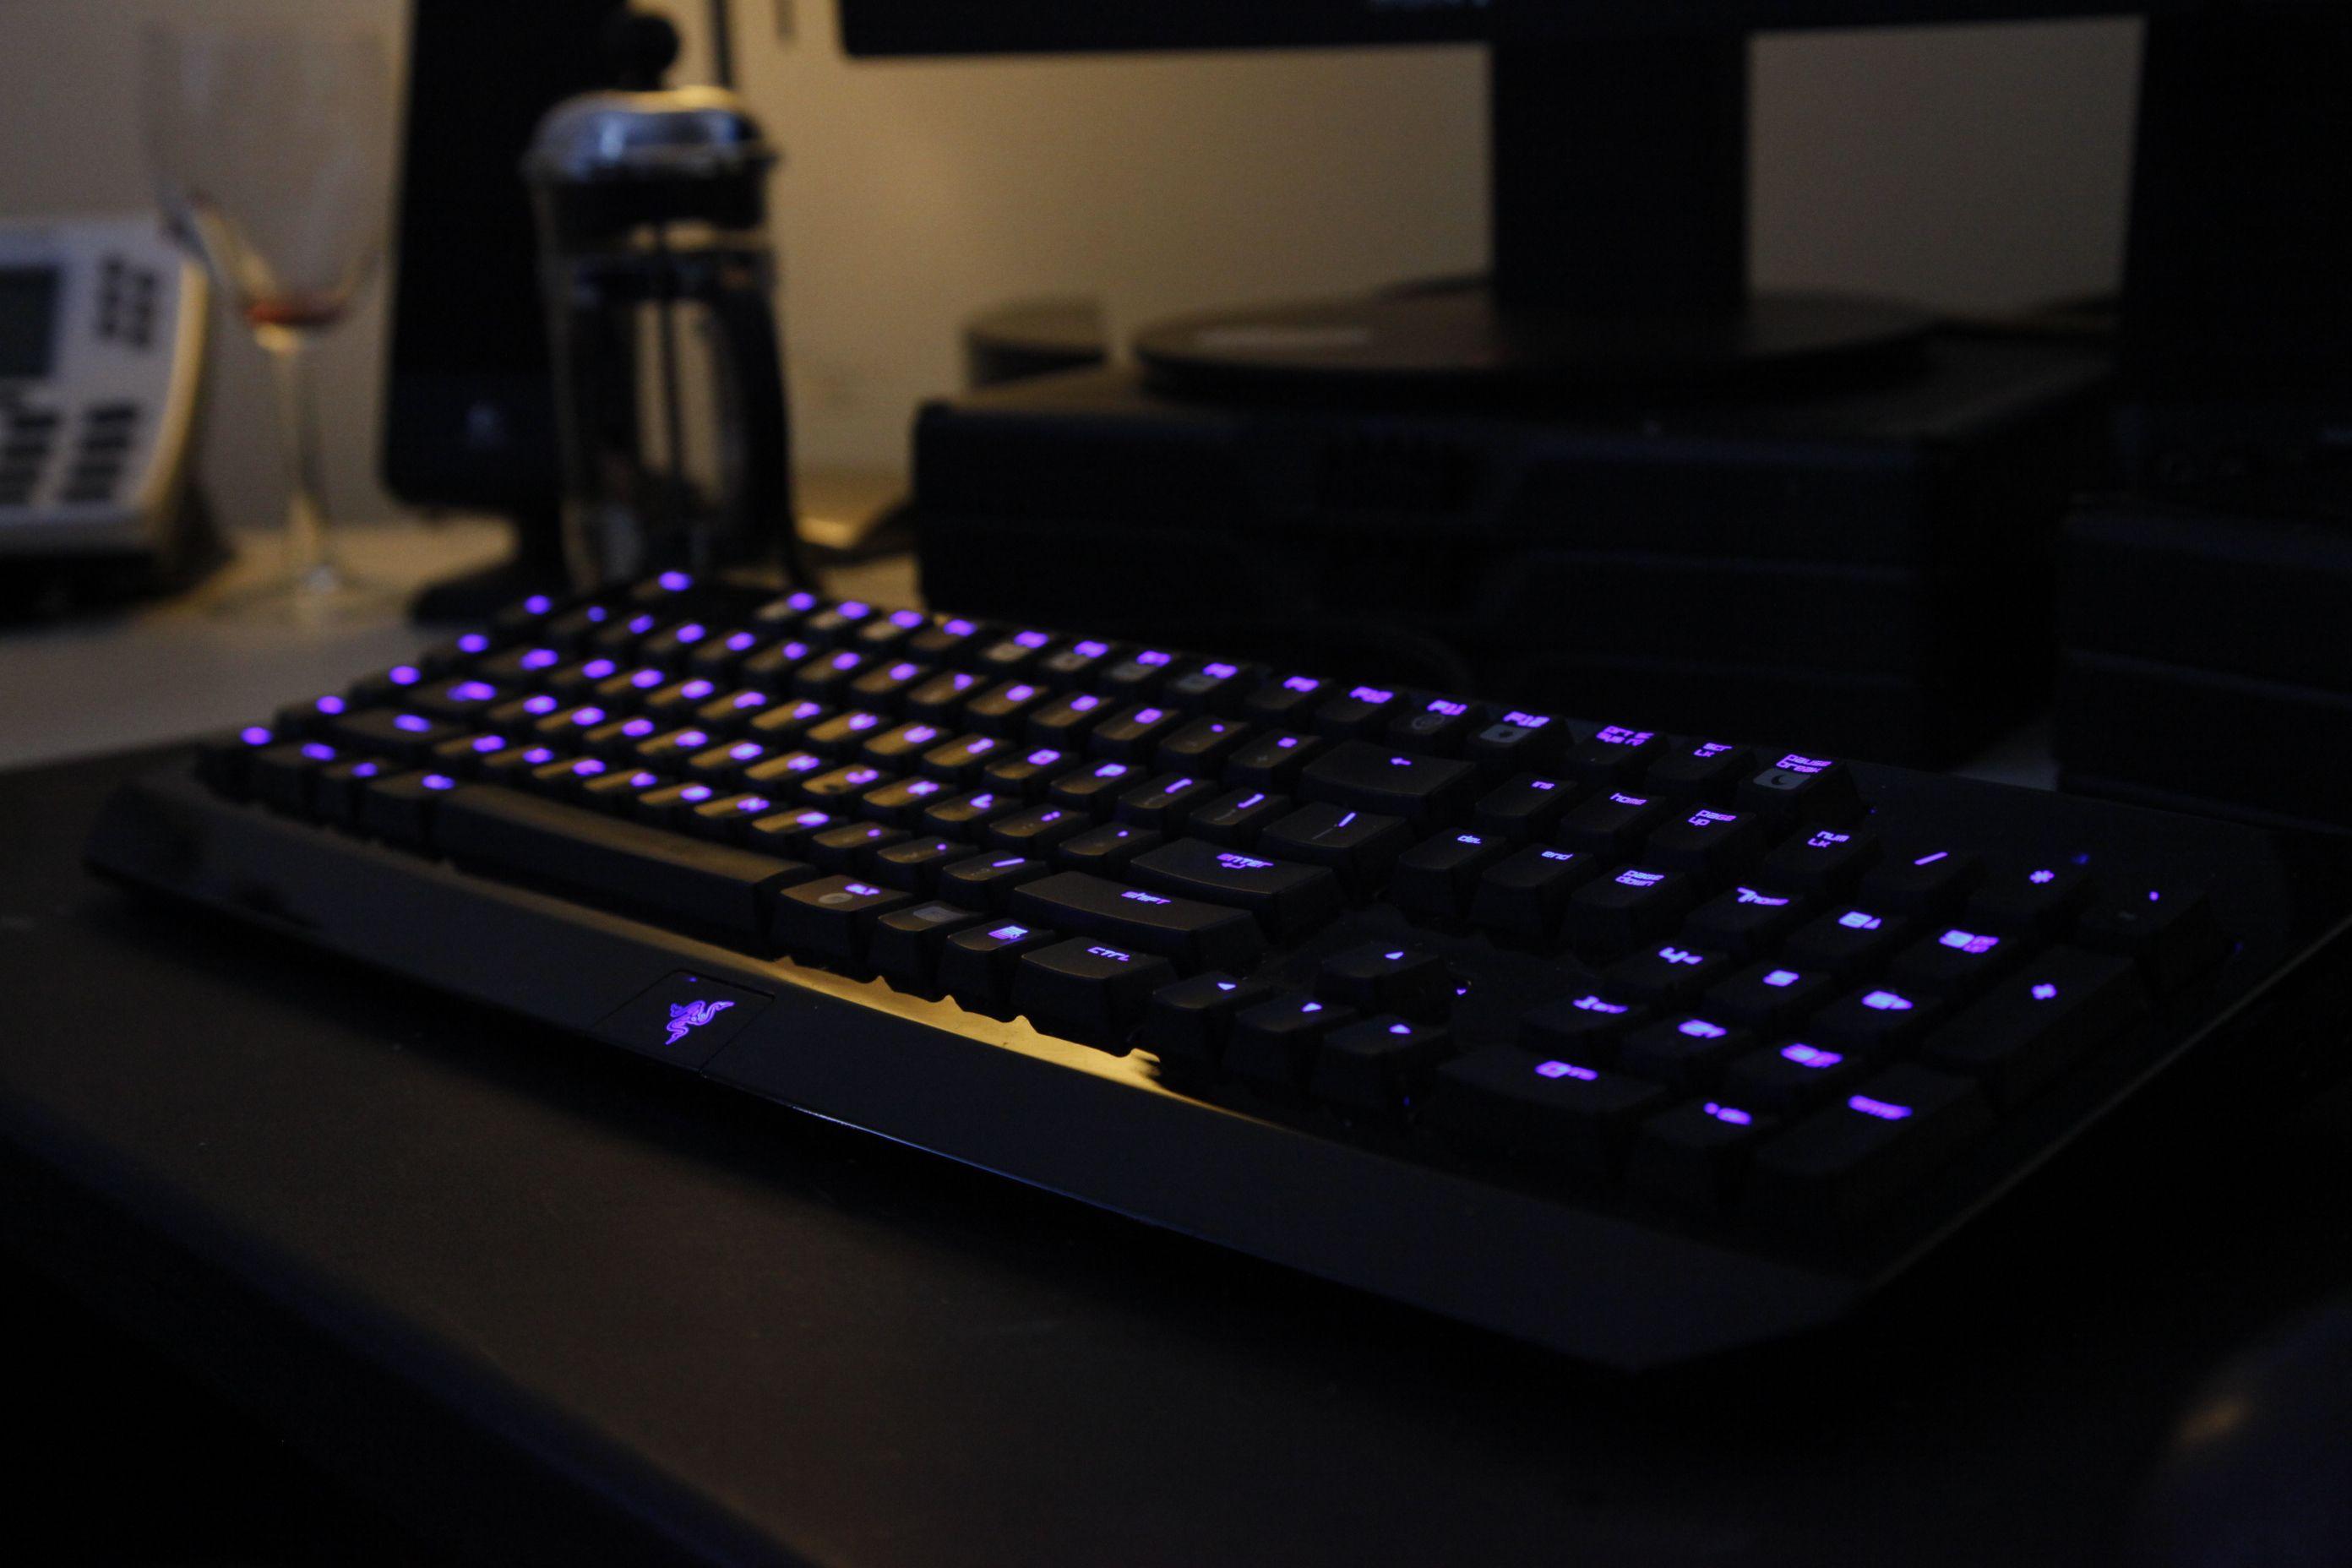 Razer keyboard, it glows! Keyboard, Razer, Video game